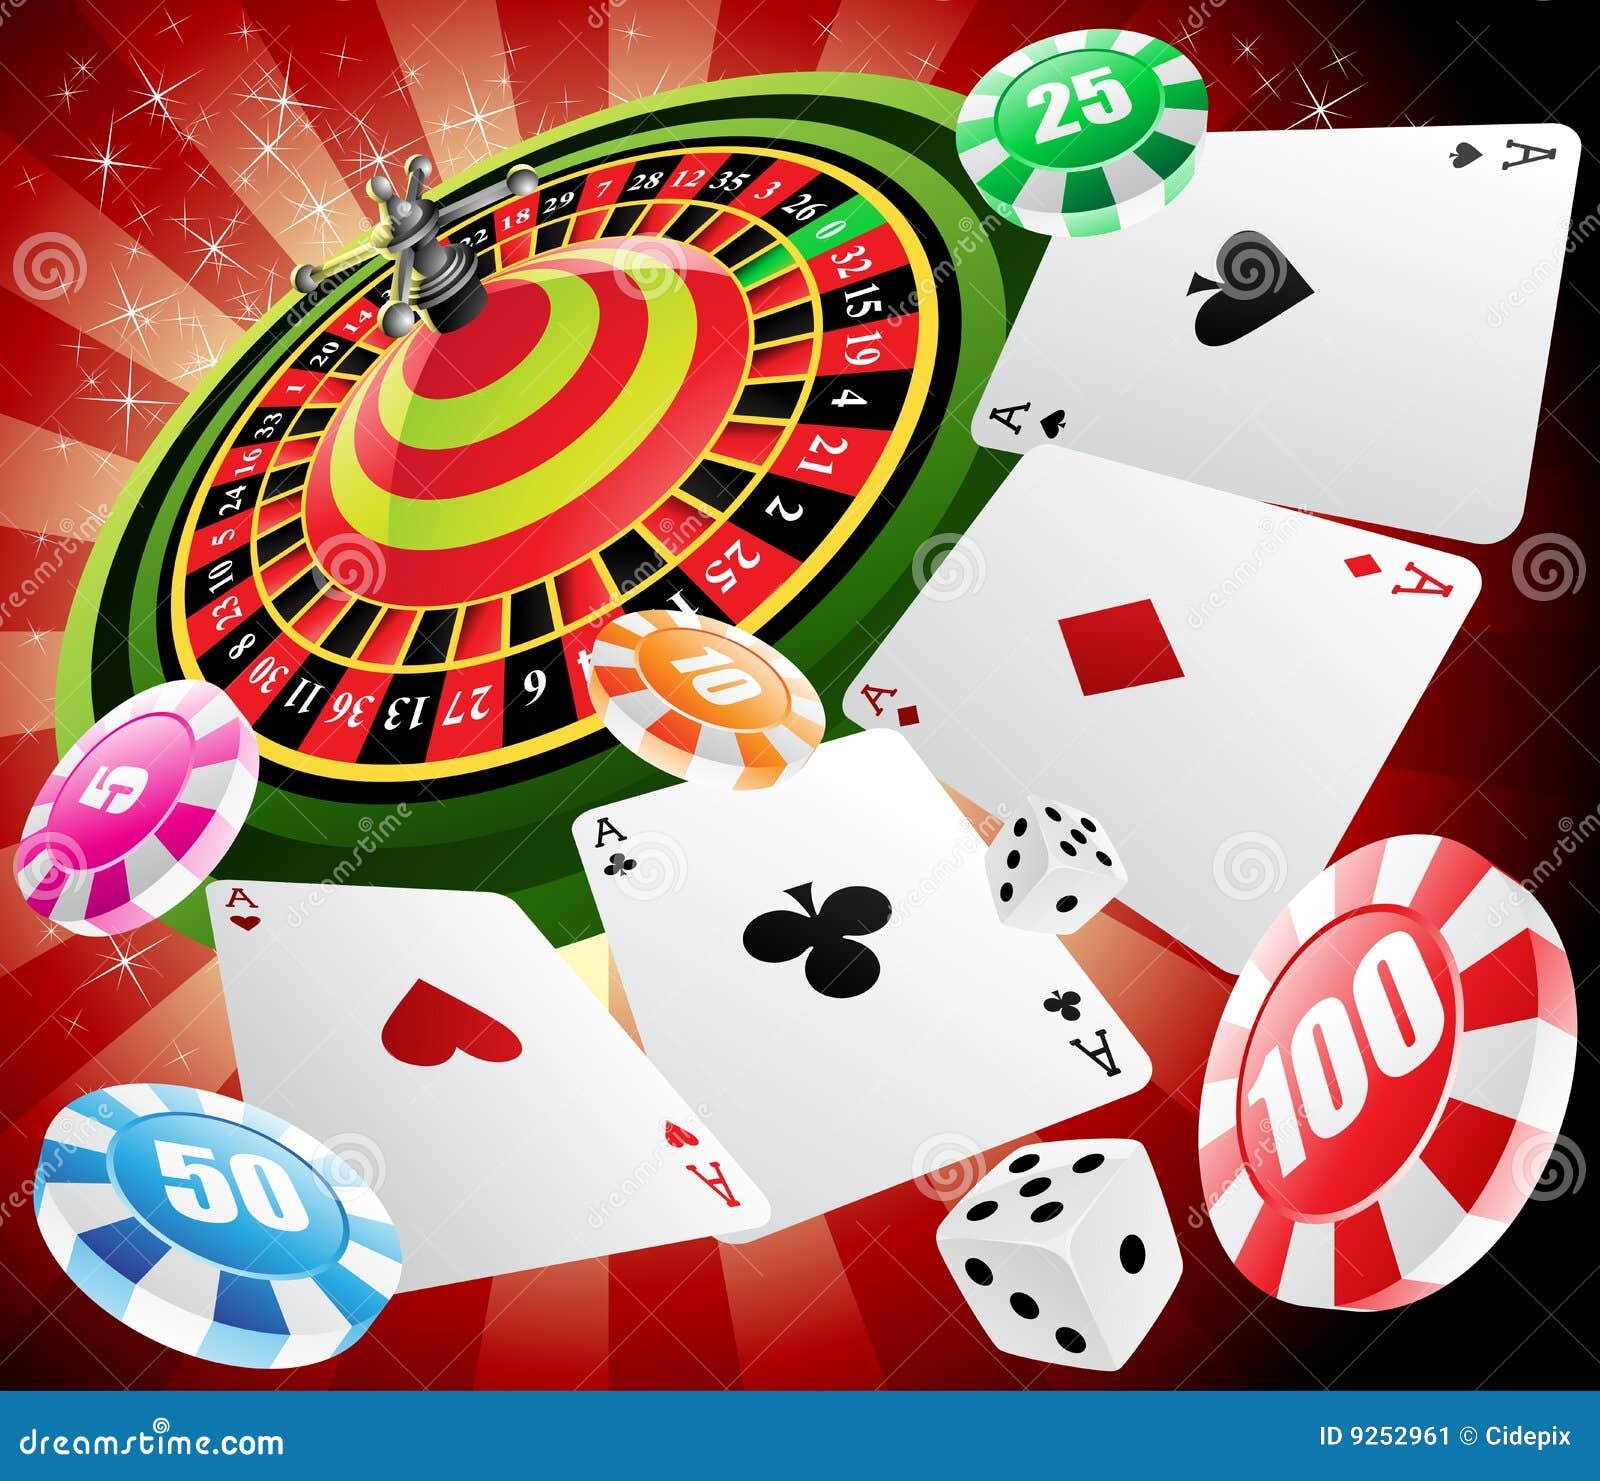 App de juego casino online Portugal party poker-86417